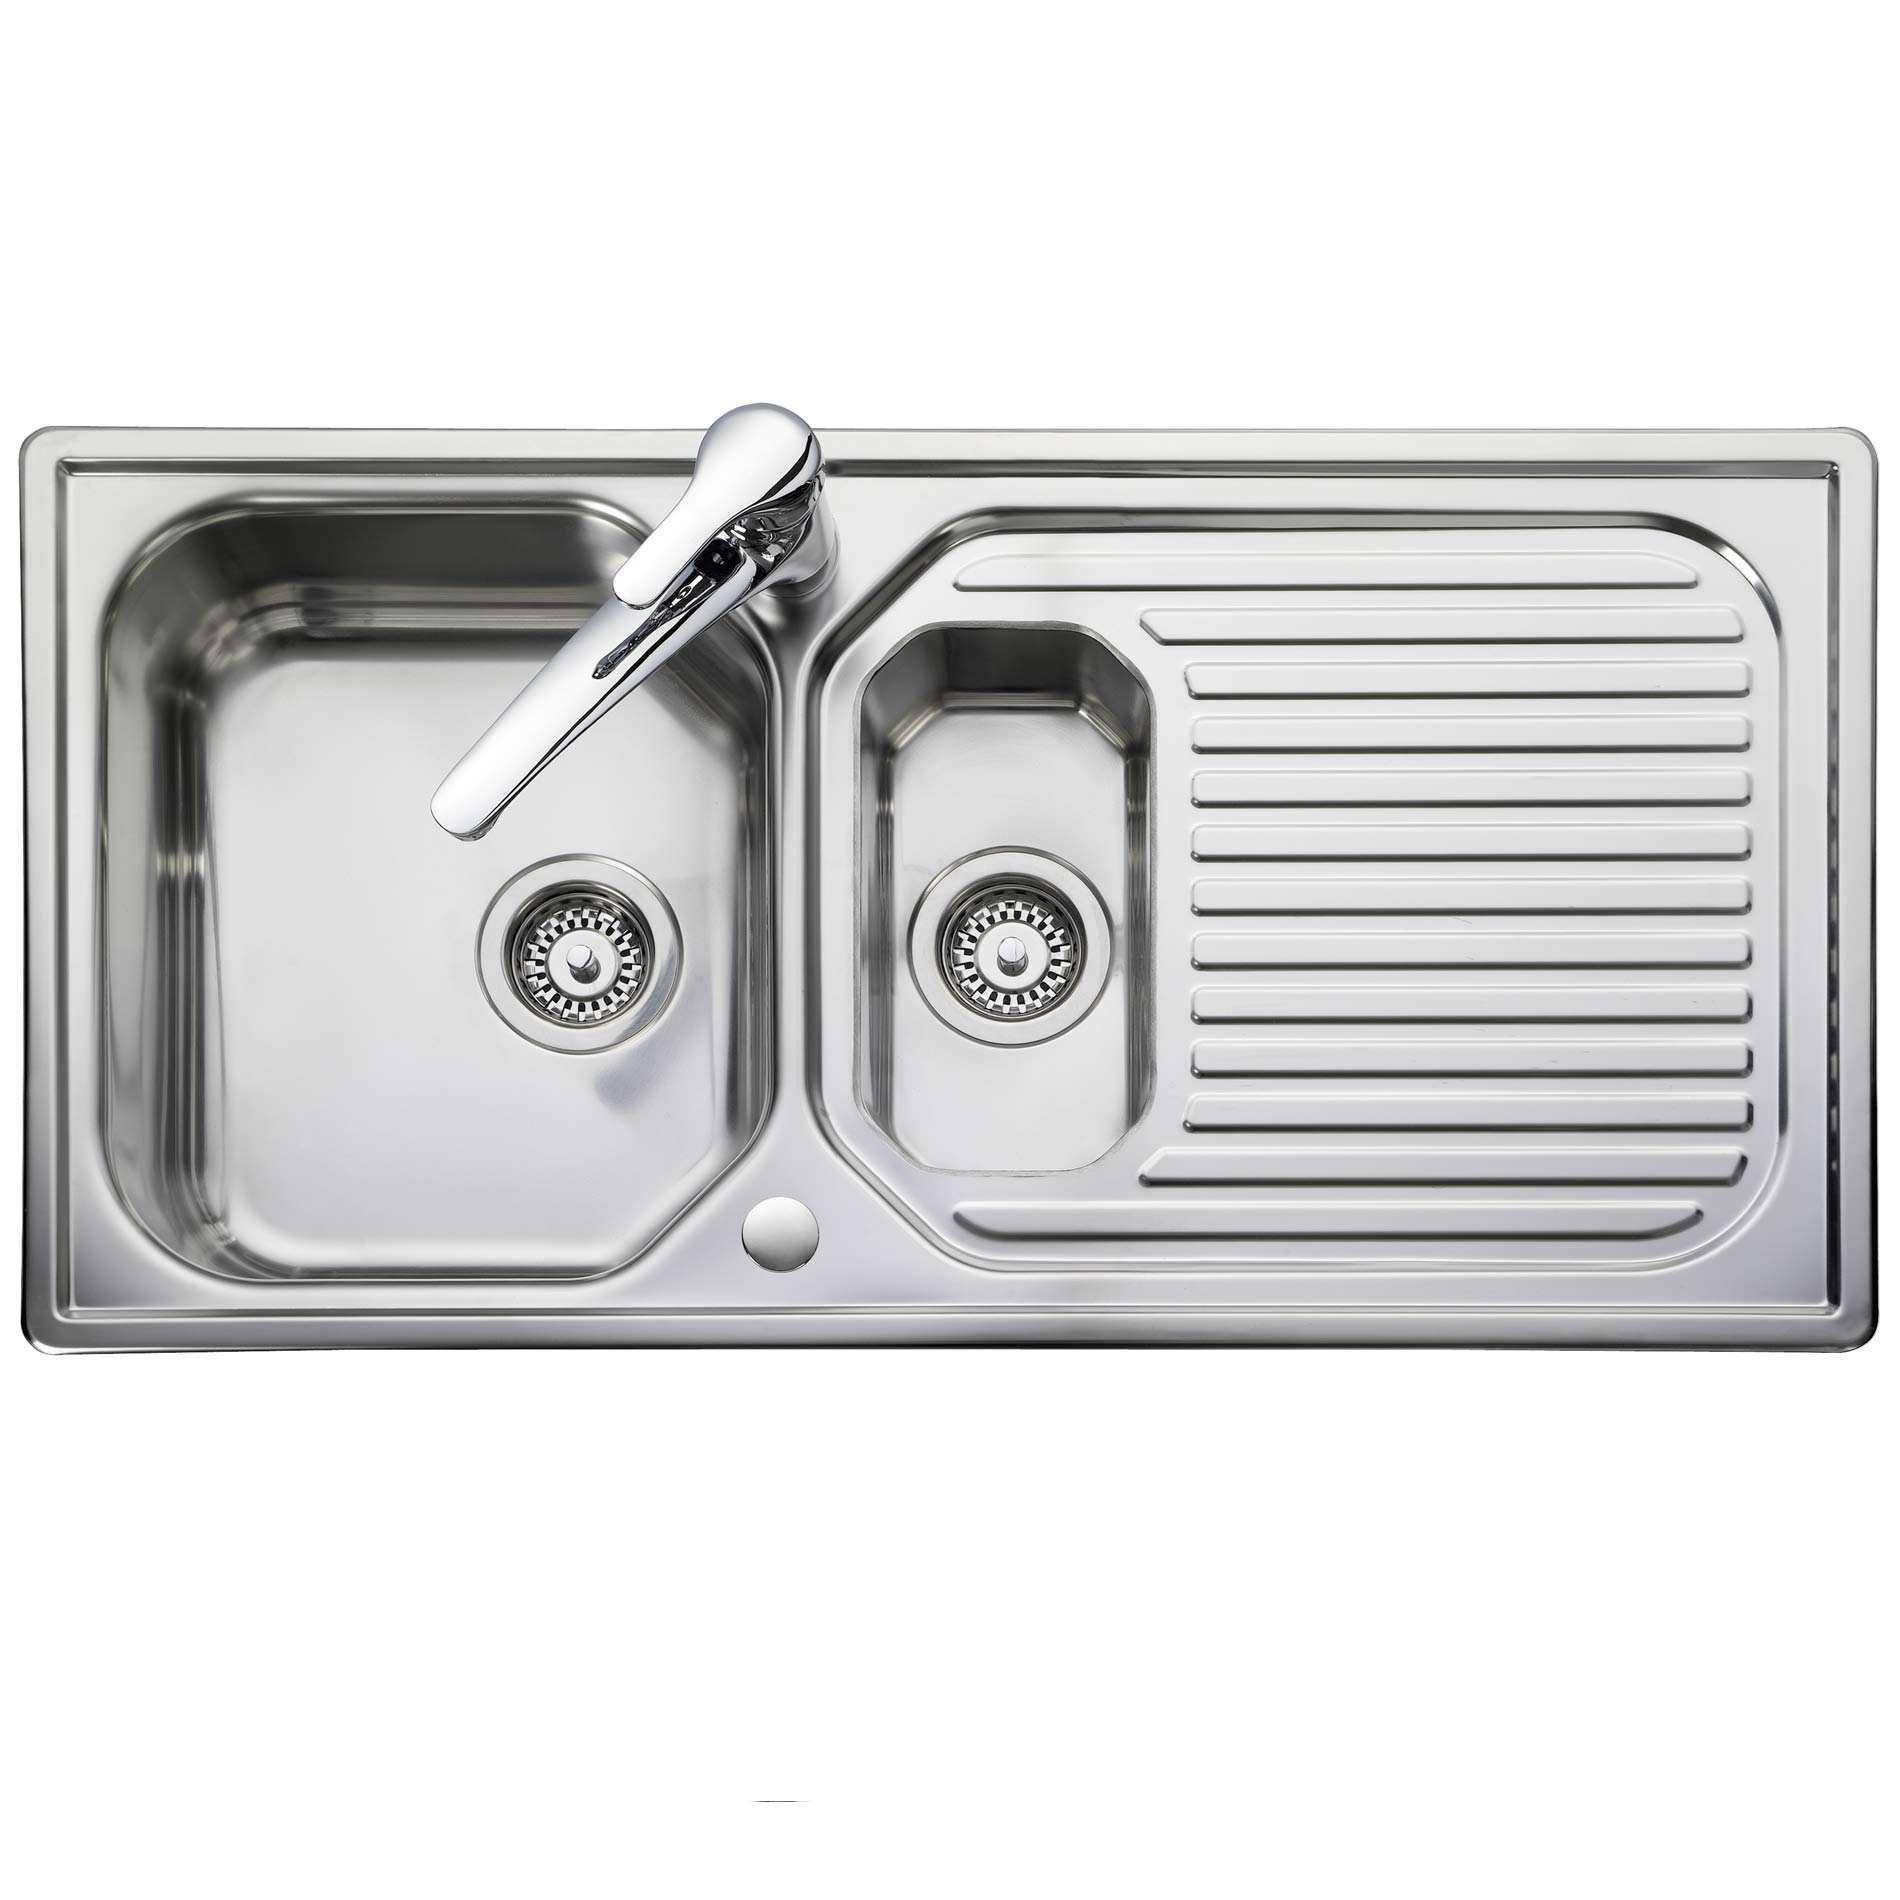 Leisure: Aqualine AQ9852 Stainless Steel Sink - Kitchen Sinks & Taps